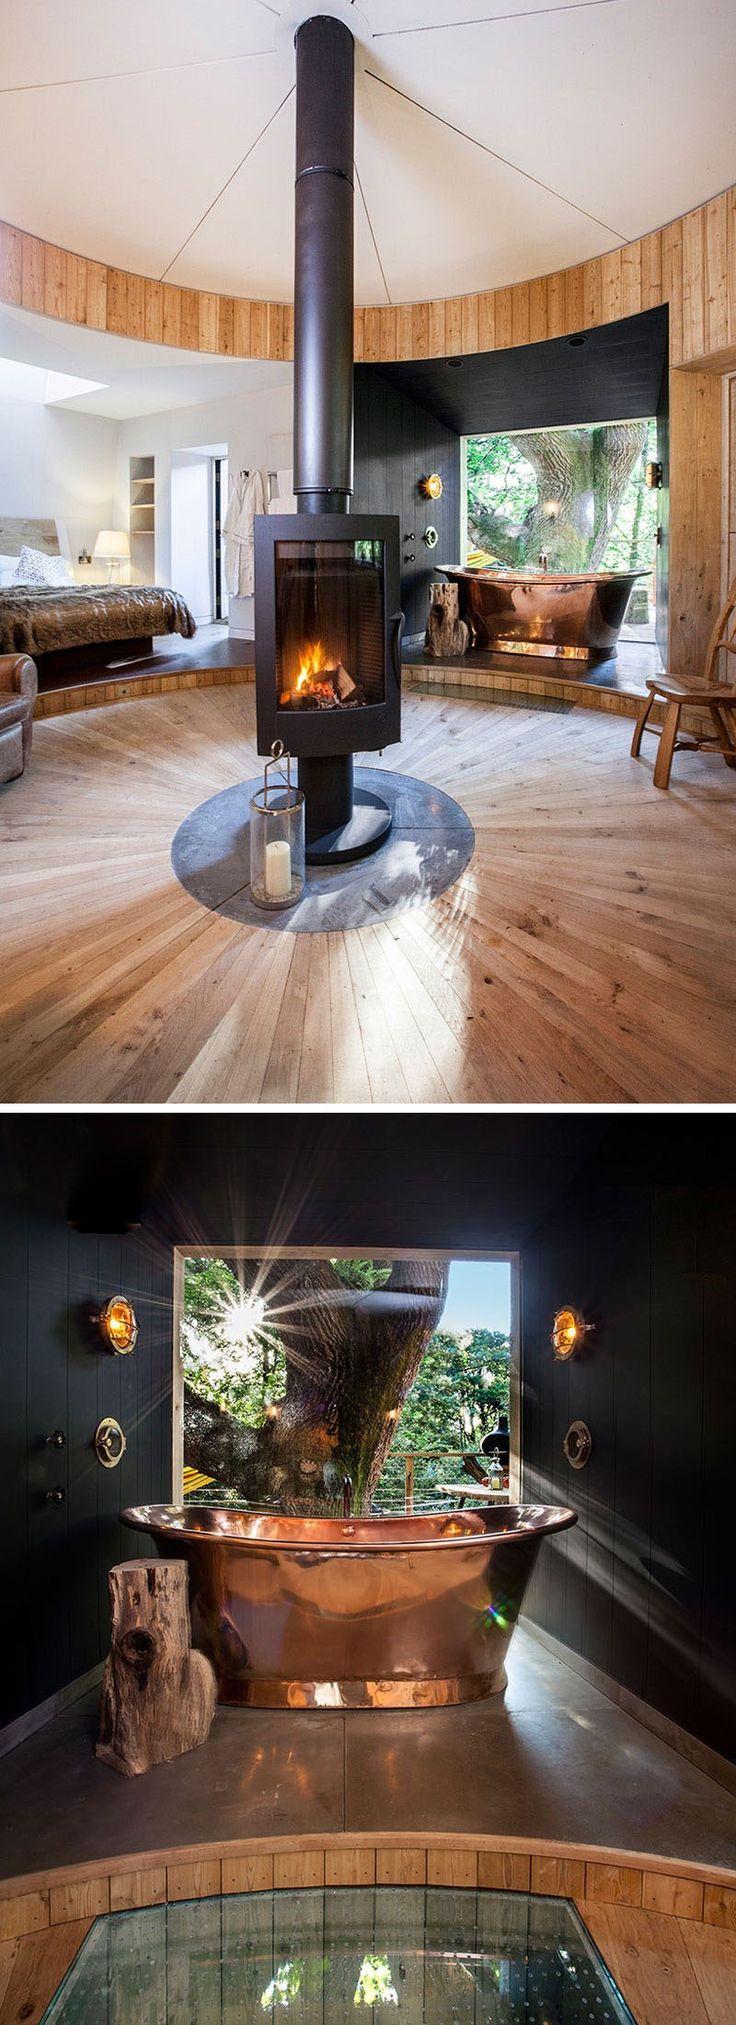 In diesem modernen Baumhaus die dunklen schwarzen Wände sind ein starker Kontrast zu den weißen Wänden des Schlafzimmers, und Kupfer Badewanne zieht Ihr Blick auf den Platz. Ein große Boden bis zur Decke Fenster bietet einen ungetrübten Blick auf die Bäume.